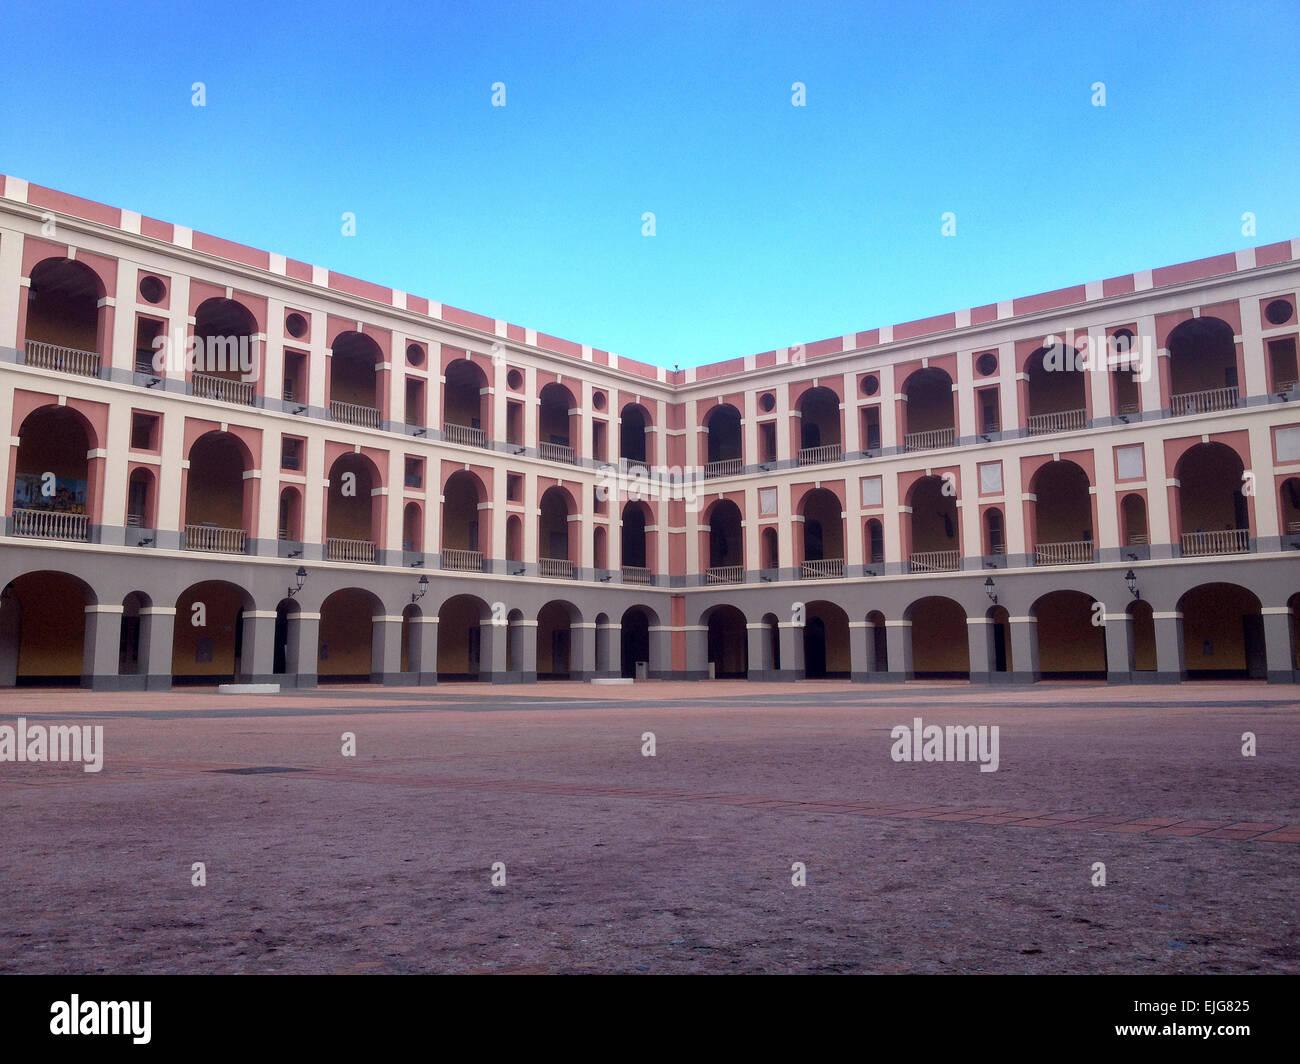 Cuartel de Ballajá in Old San Juan, Puerto Rico - Stock Image